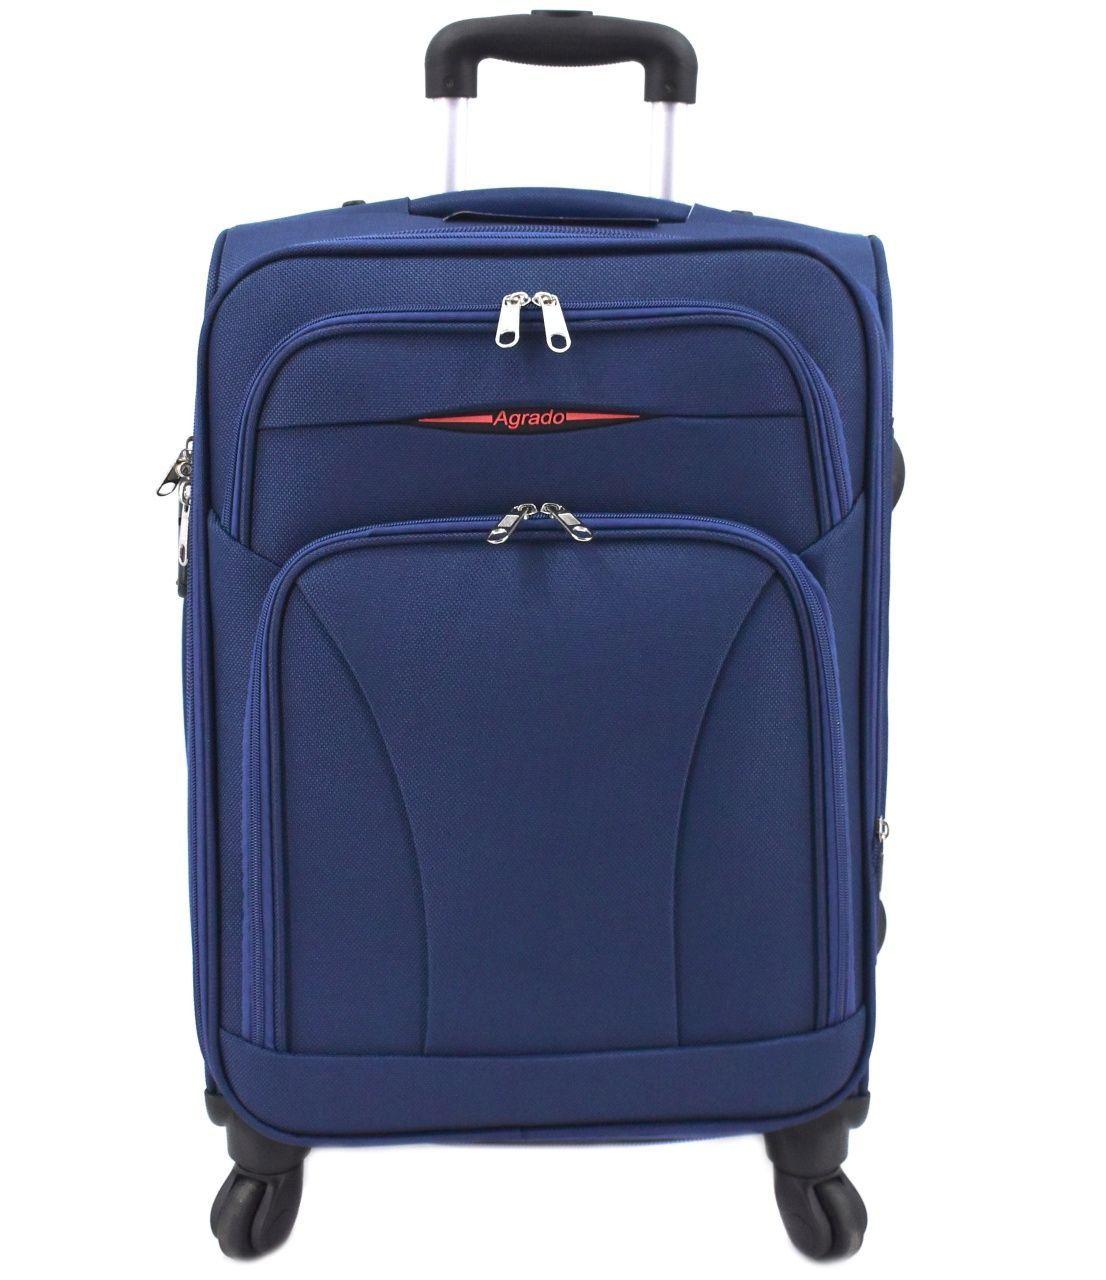 Cestovní textilní kufr na čtyřech kolečkách Agrado (XS) 35l - tmavě modrá 8021 (SX)